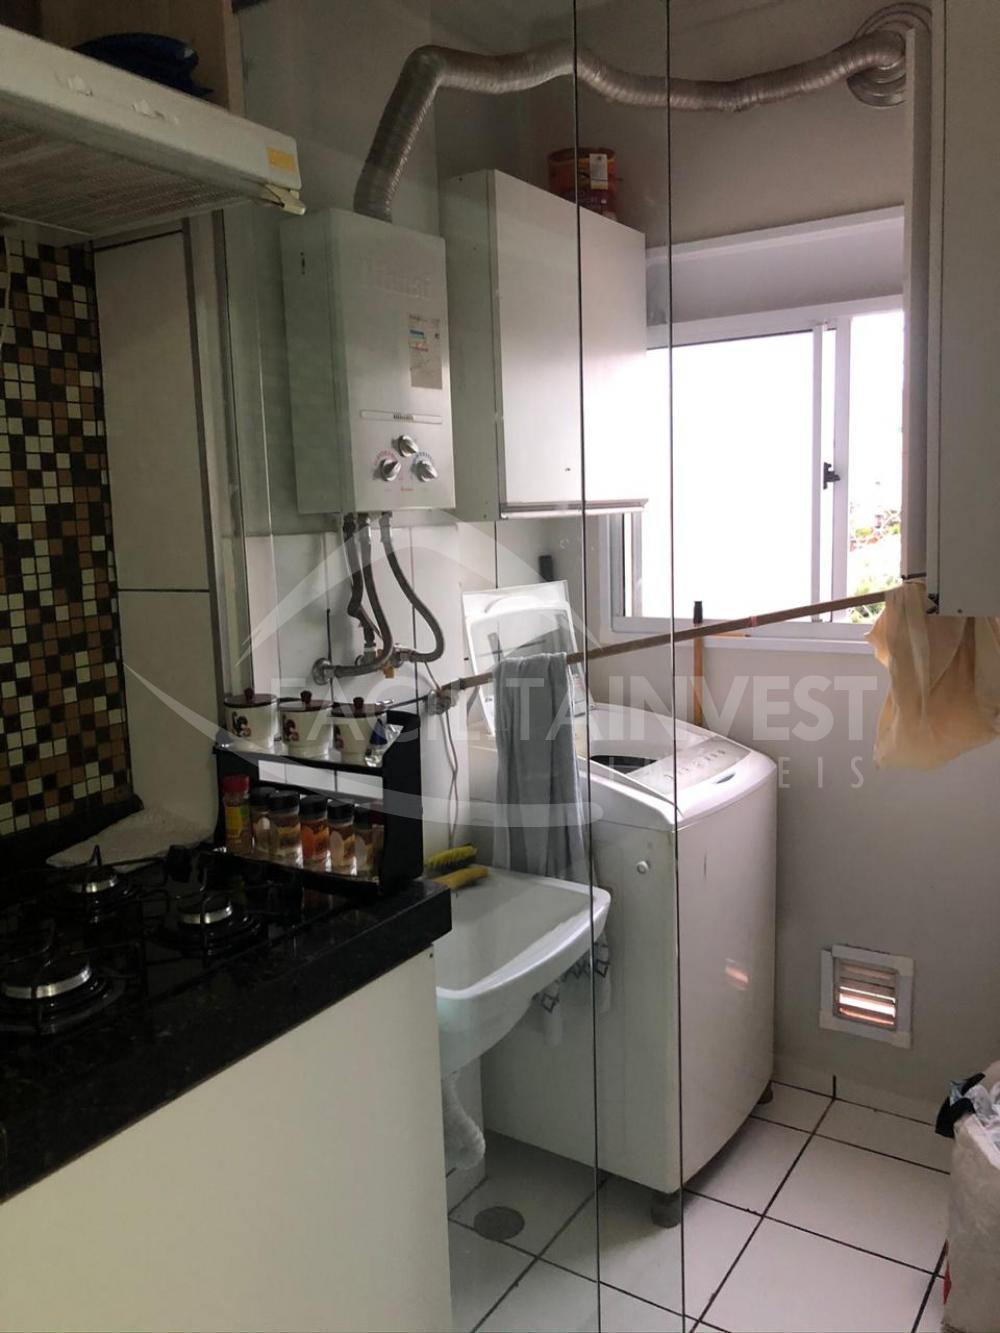 Comprar Apartamentos / Apart. Padrão em Ribeirão Preto apenas R$ 233.000,00 - Foto 4